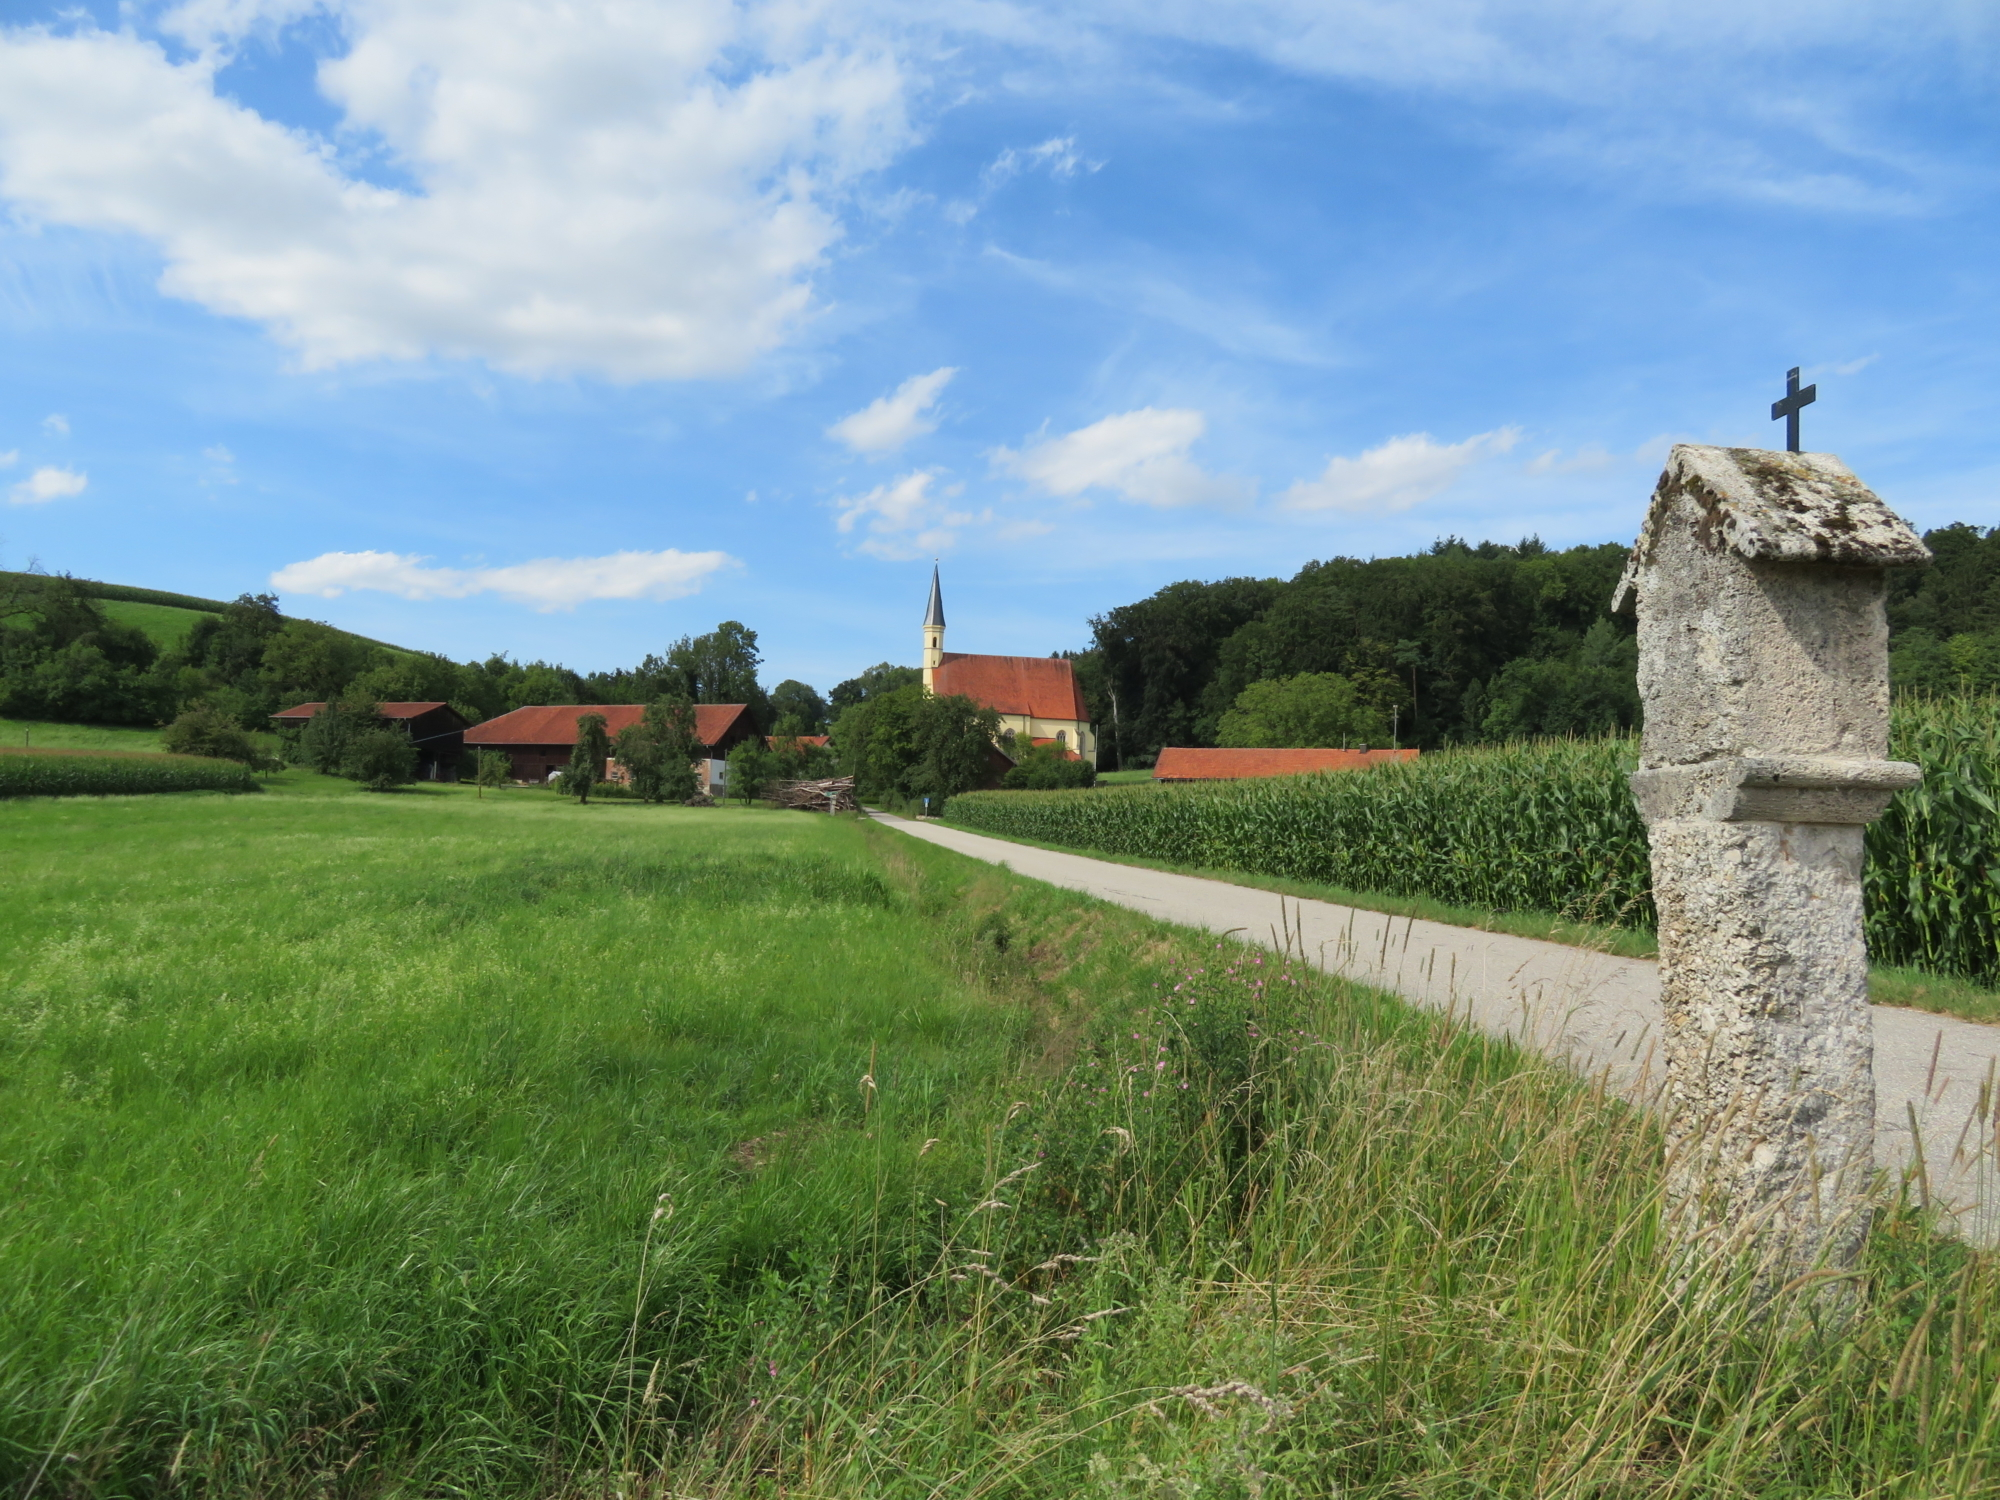 Via Nova St Anna Kirche Ering I Huber